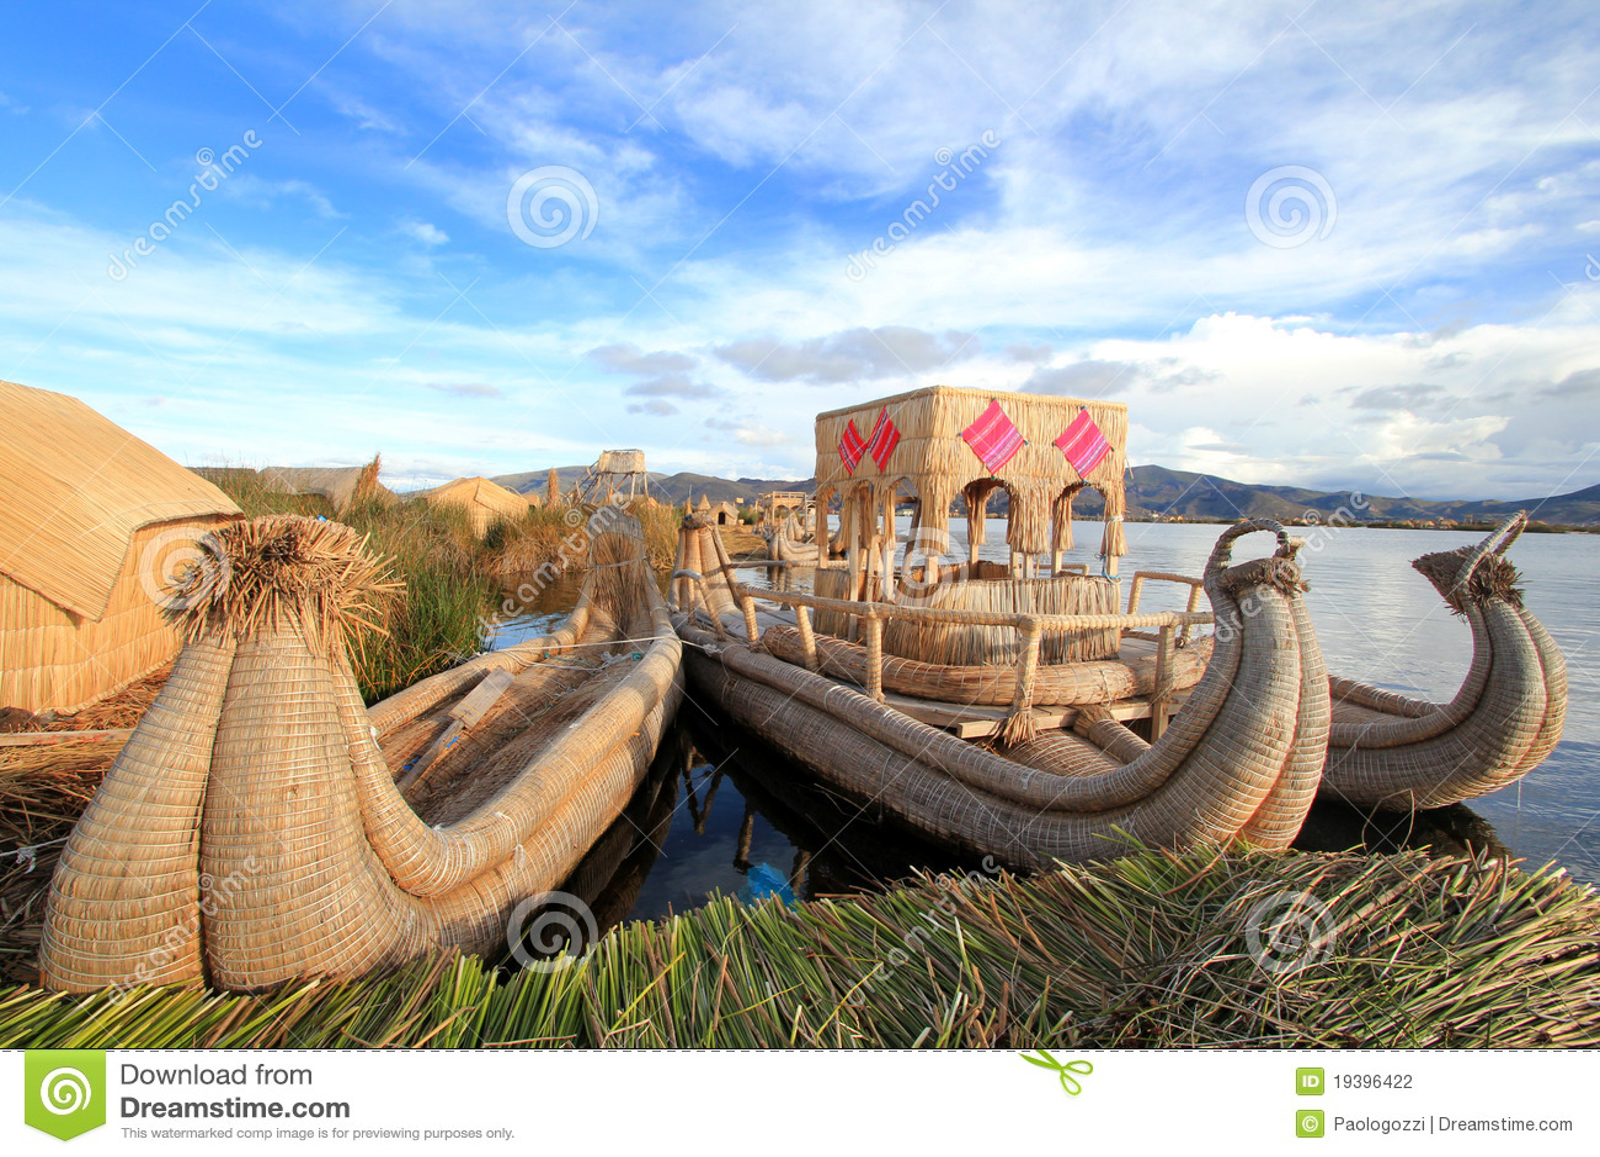 Islas flotantes y barcos de Titicaca